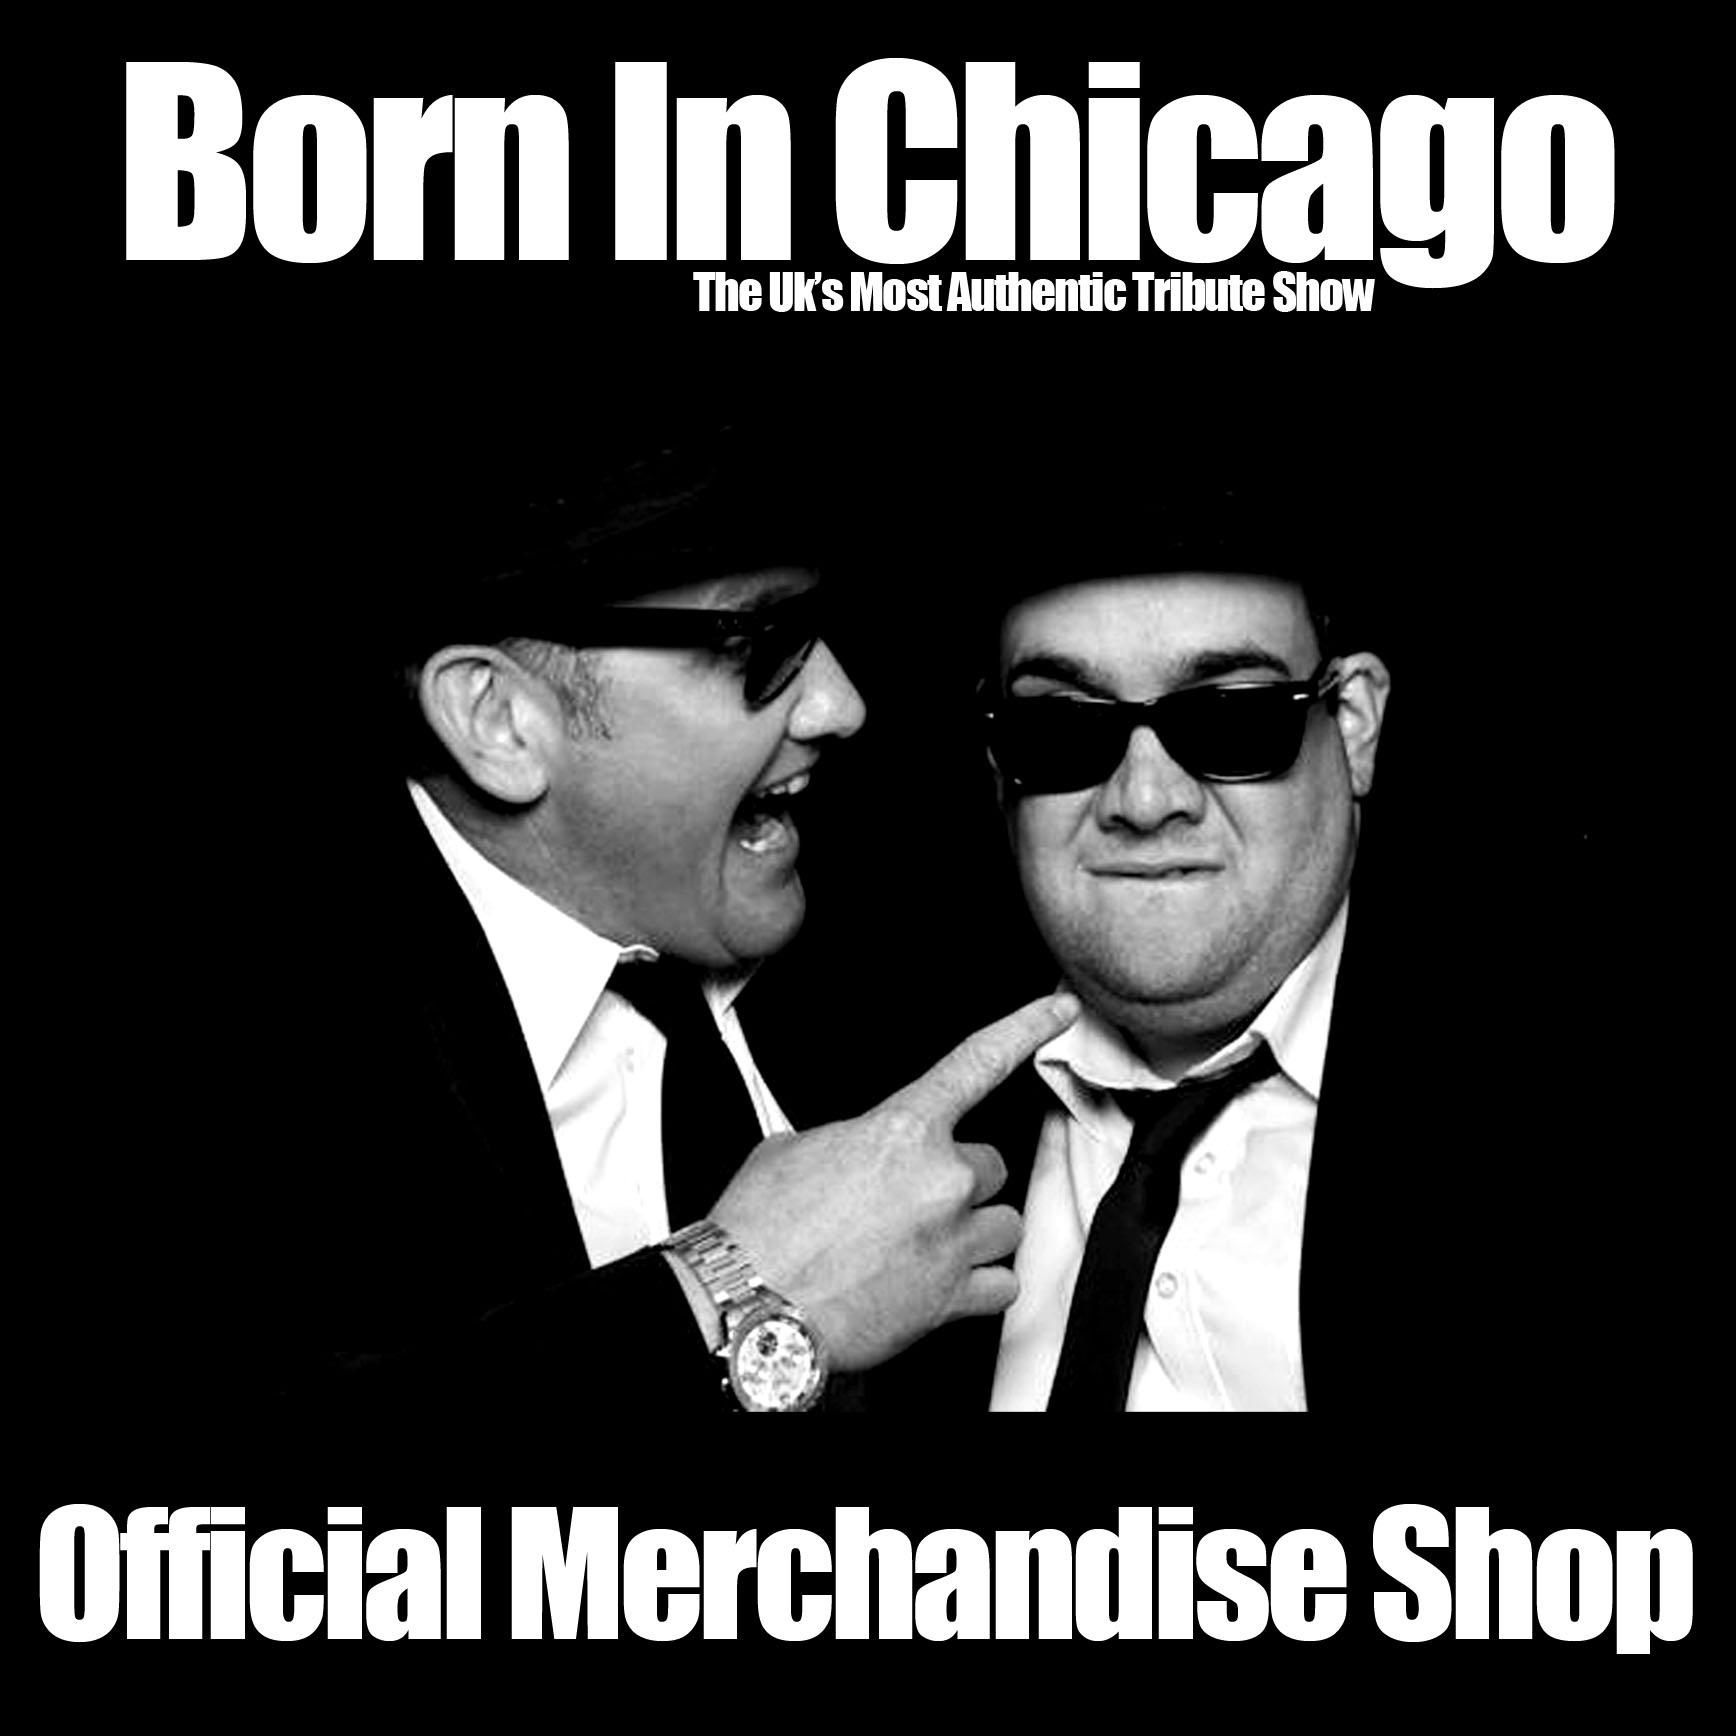 Born In Chicago Merchandise Shop